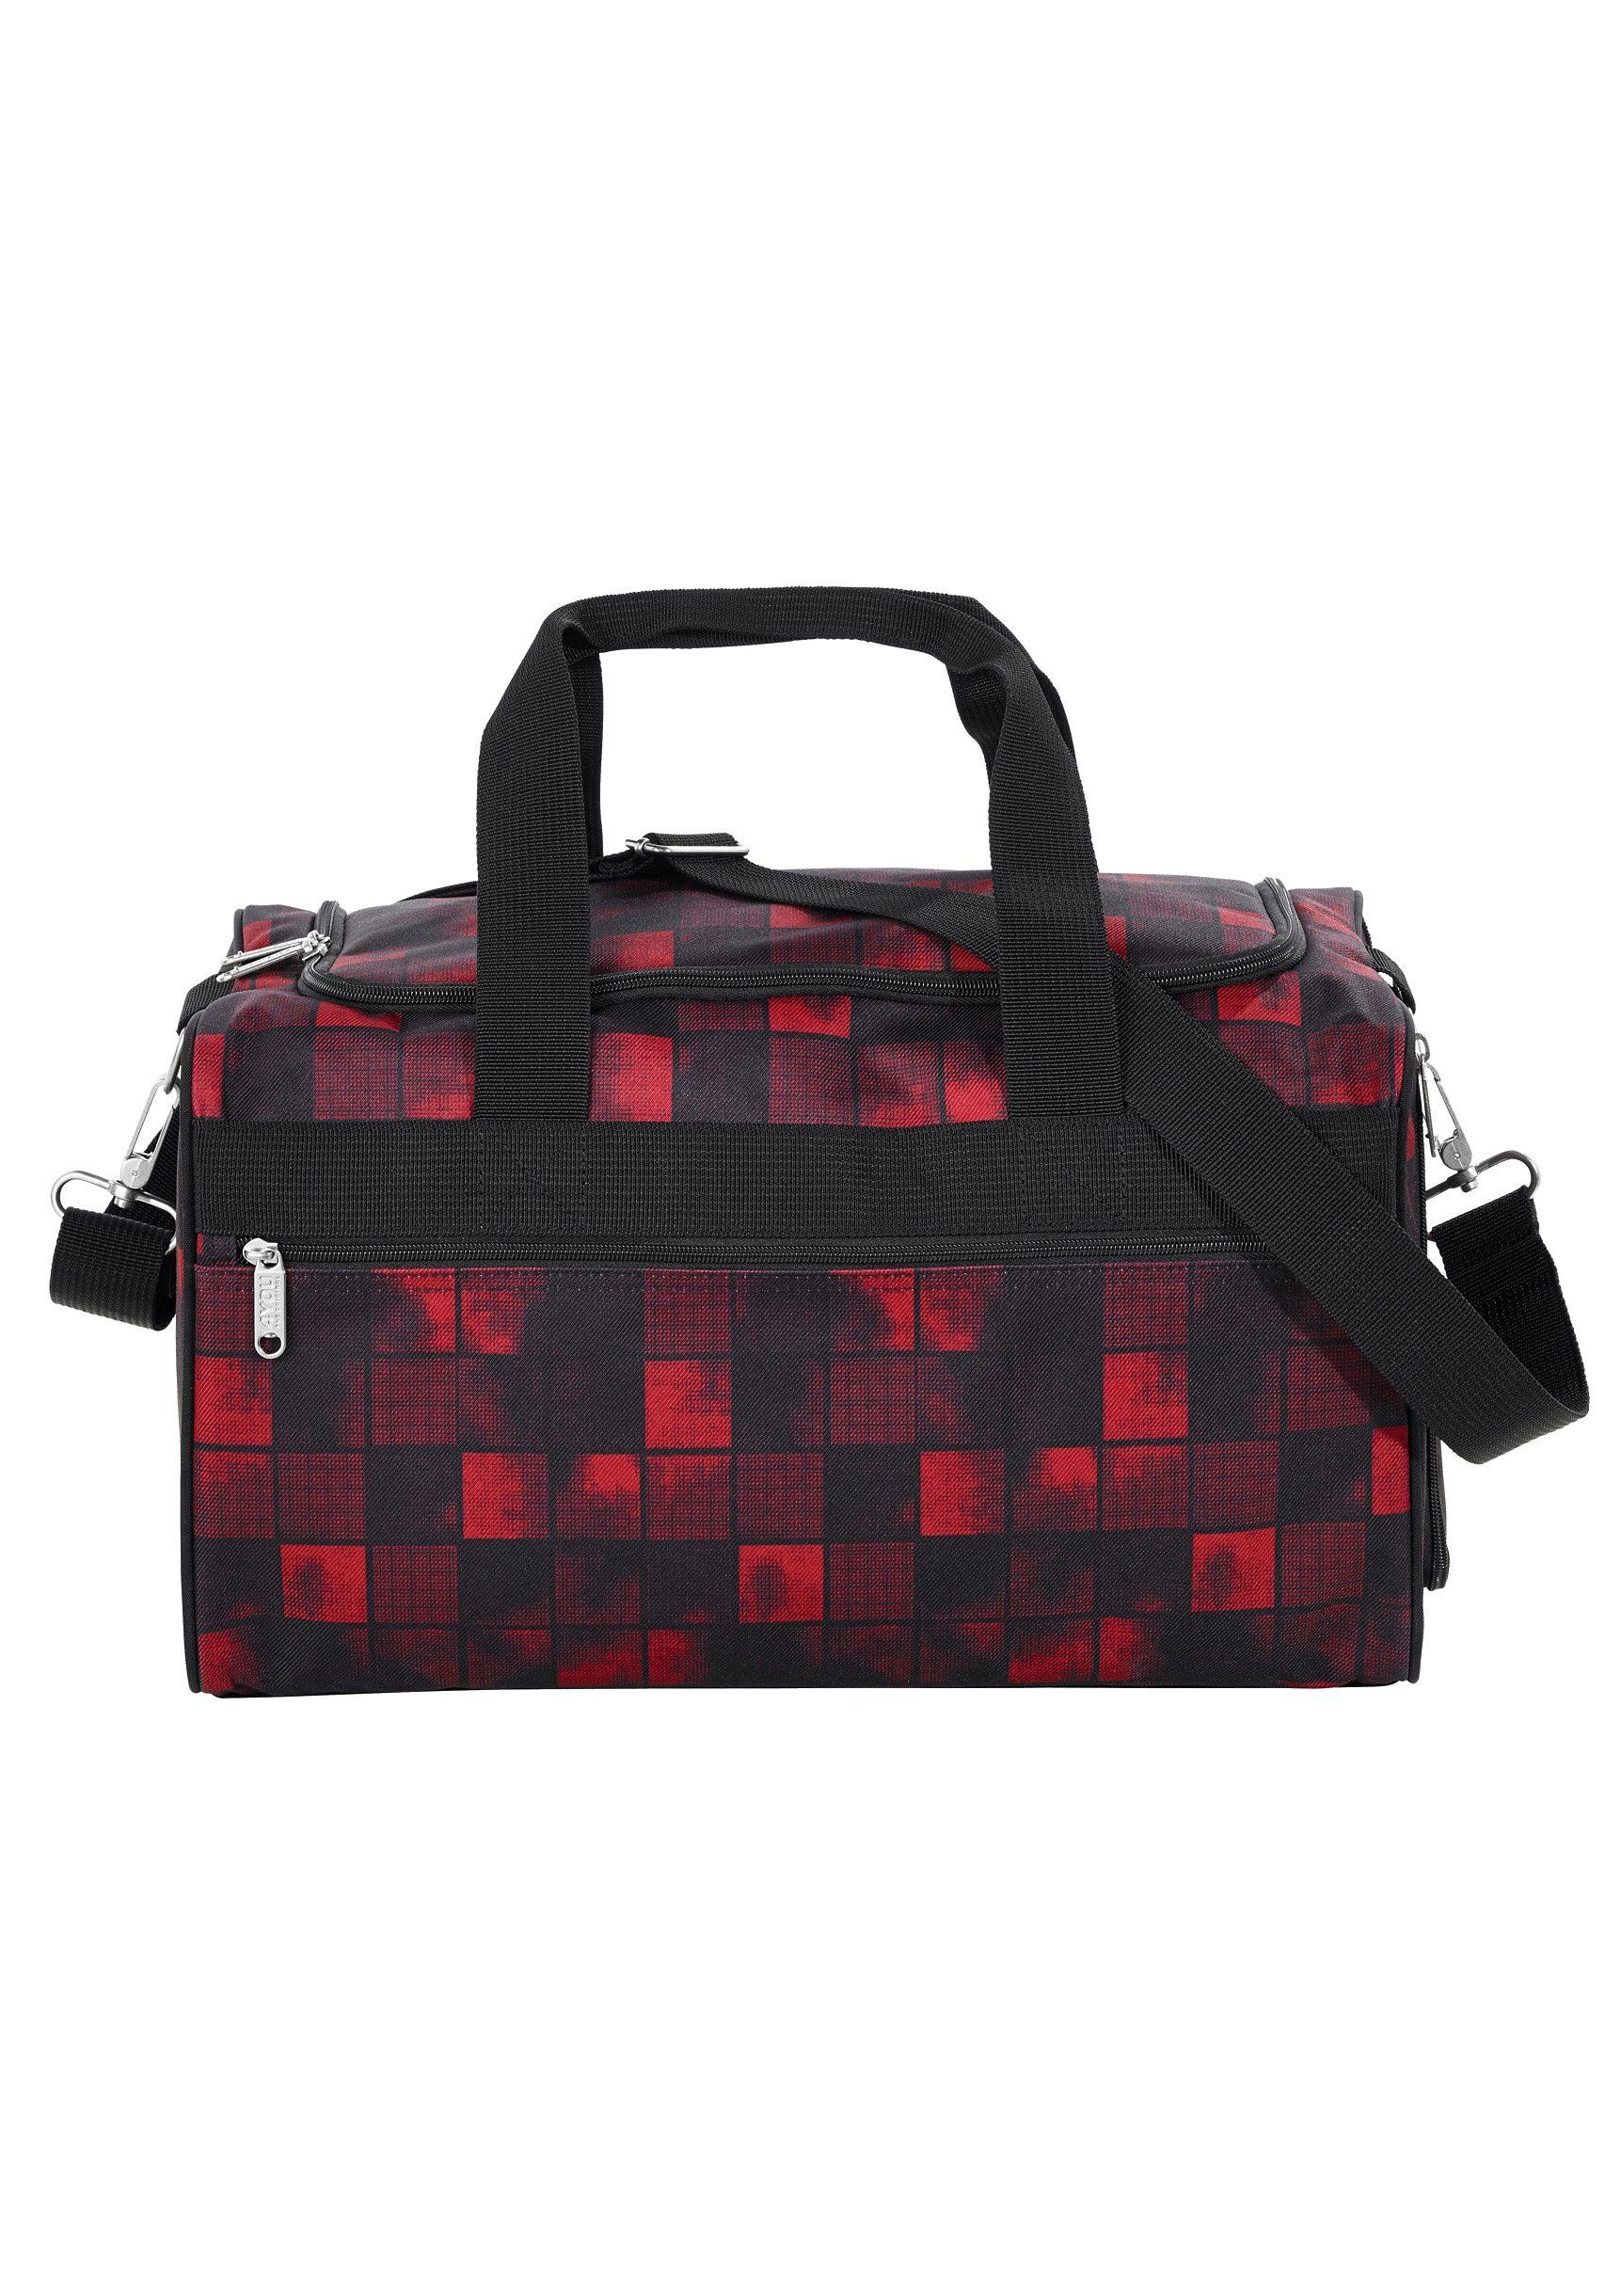 4YOU Sporttasche, Squares Red/Black, »Sportbag M«